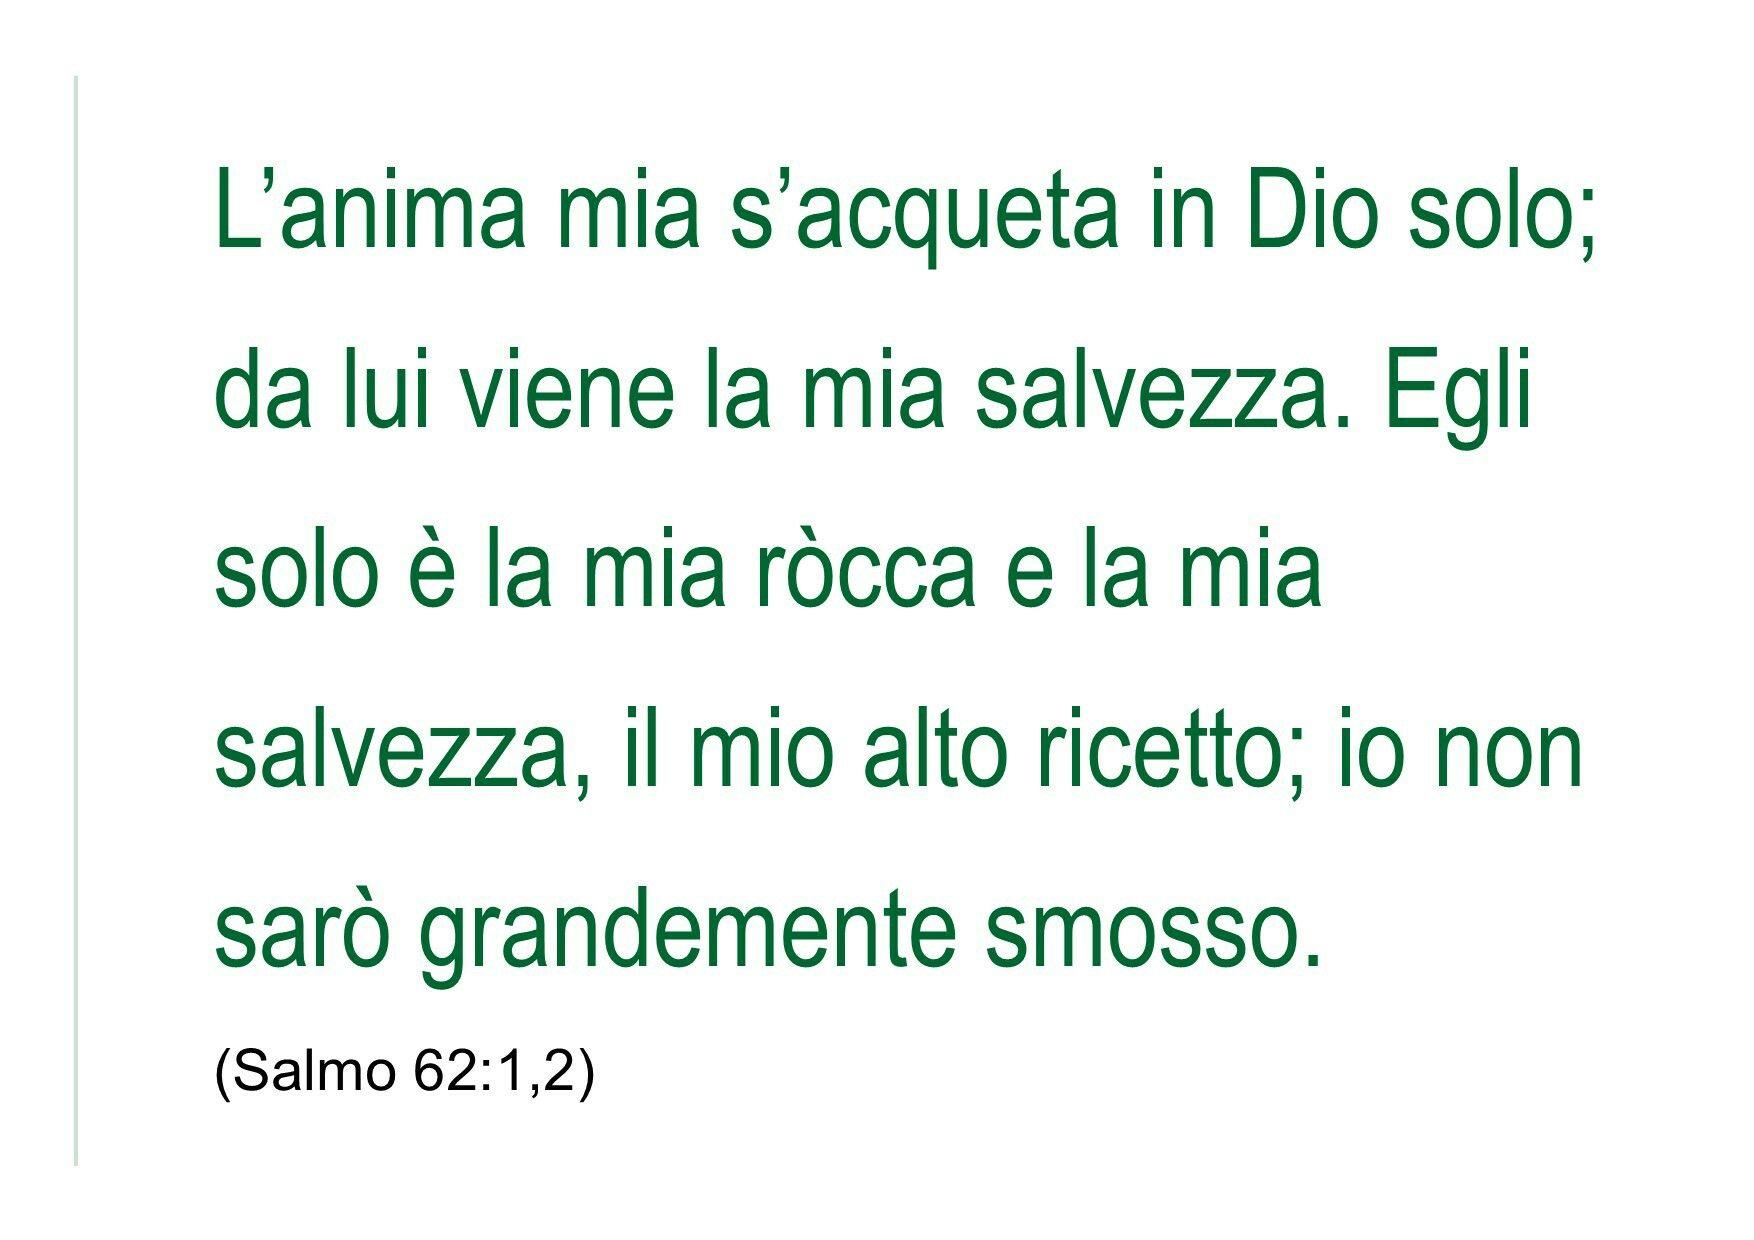 L'anima mia s'acqueta in Dio solo; da lui viene la mia salvezza. Egli solo è la mia ròcca e la mia salvezza, il mio alto ricetto; io non sarò grandemente smosso. (Salmo 62:1,2)